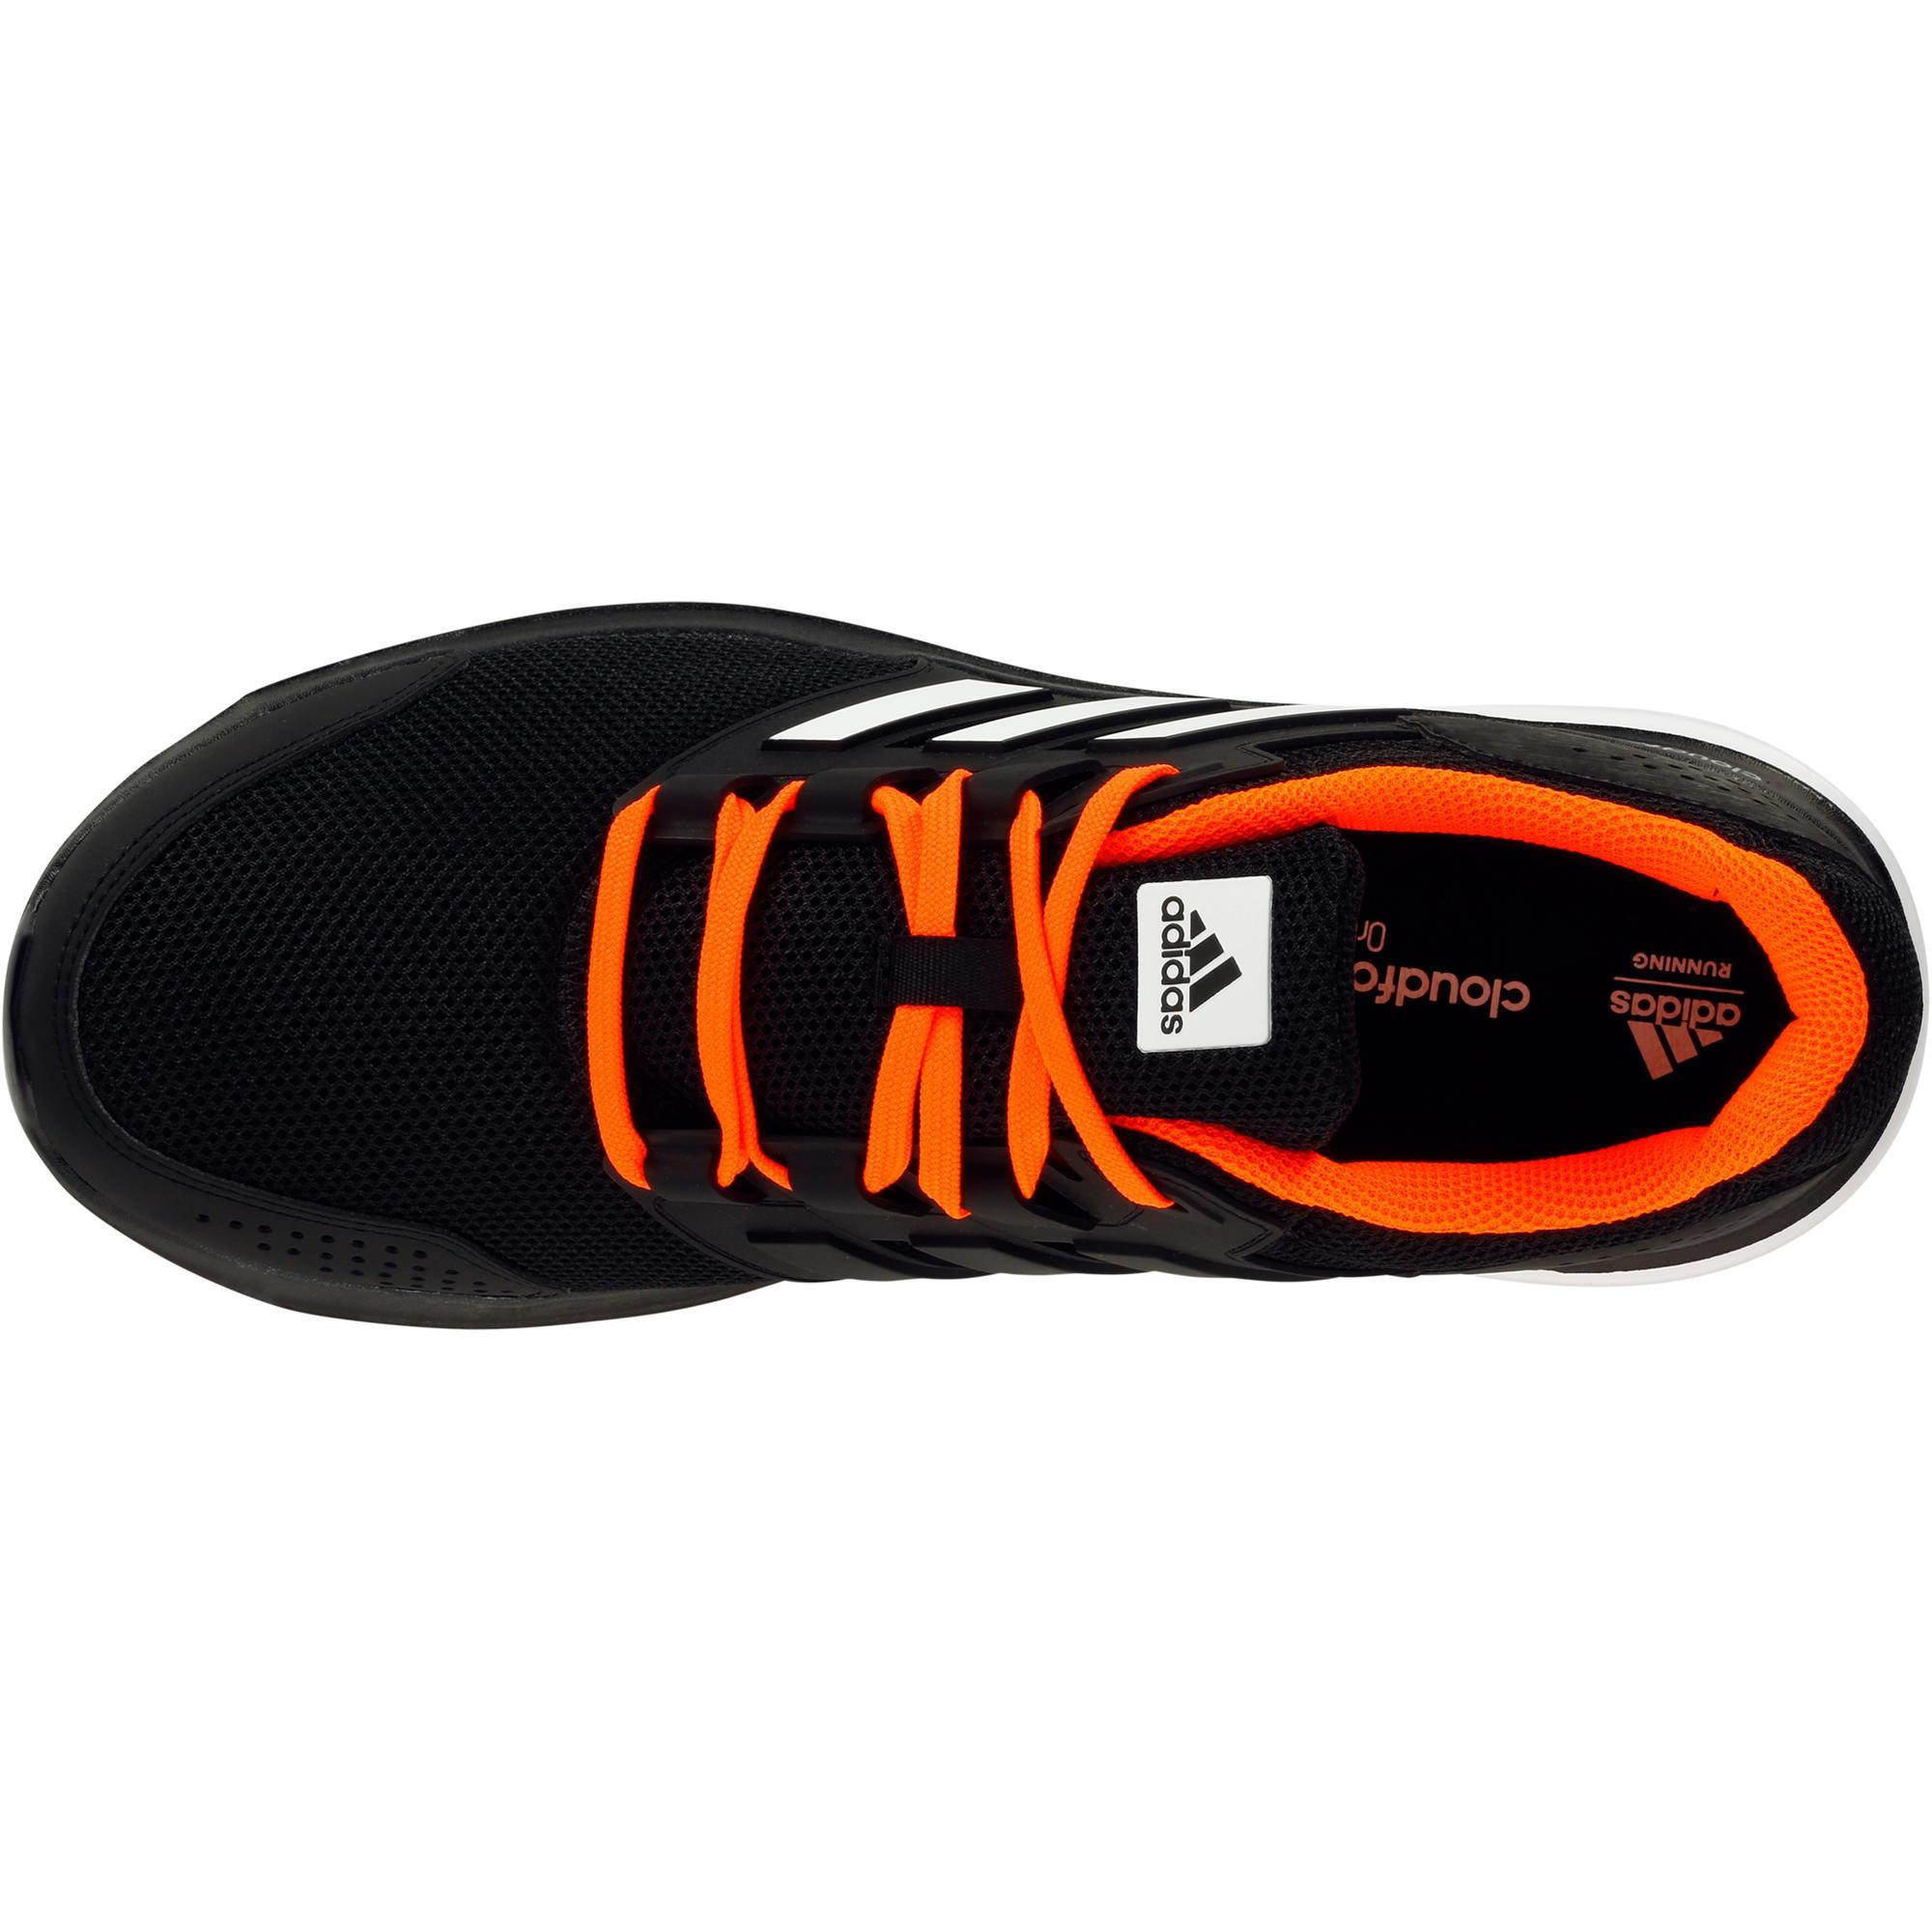 4 Homme Chaussures A Adidas Galaxy Y7w1o0x Noir Course Jogging Pied wI8rRI ee0dafc4b2e